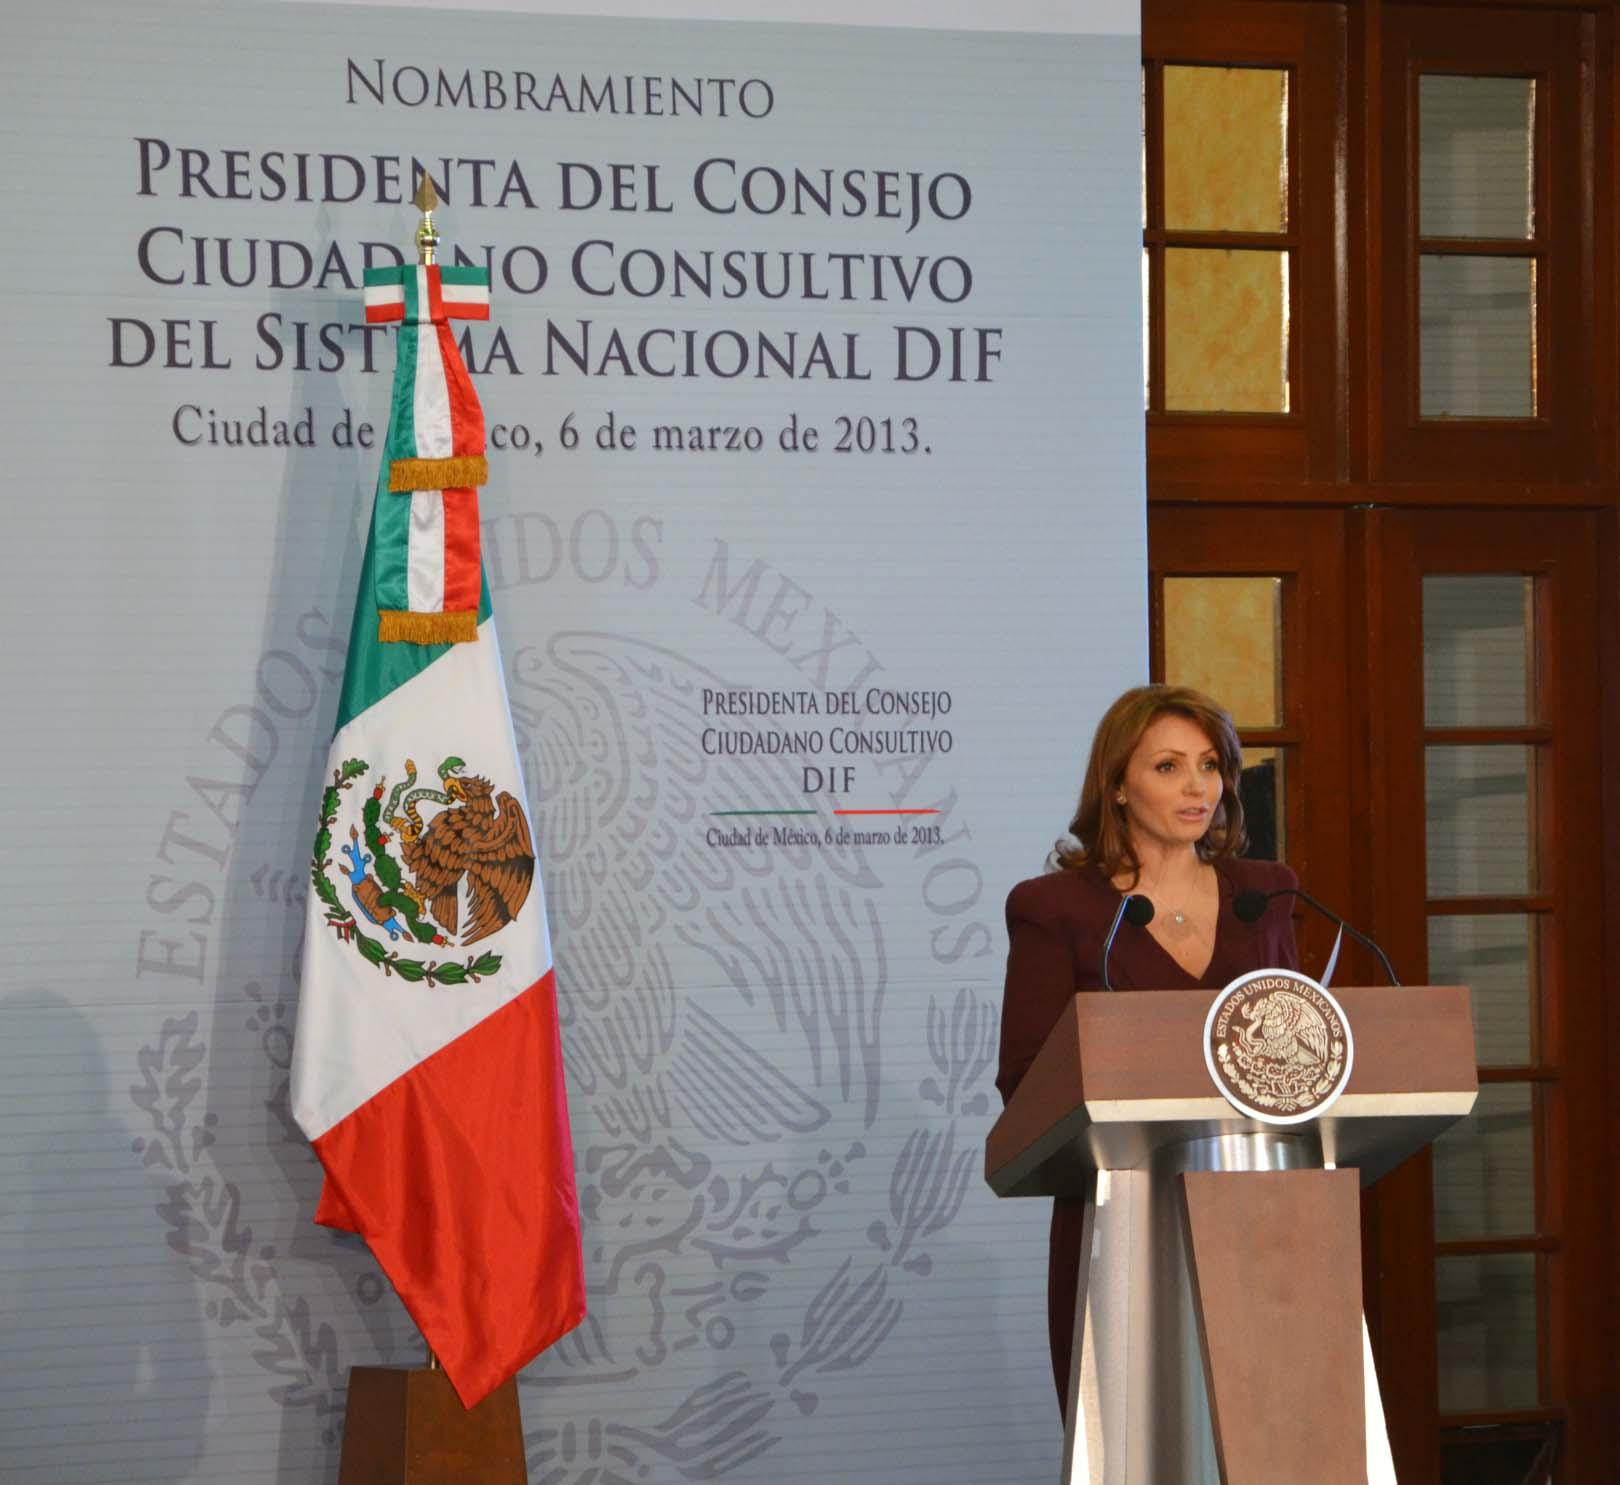 PALABRAS DE LA SECRETARIA DE SALUD, DOCTORA MERCEDES JUAN, DURANTE LA CEREMONIA DE NOMBRAMIENTO DE LA SEÑORA ANGÉLICA RIVERA DE PEÑA, COMO PRESIDENTA DEL CONSEJO CIUDADANO CONSULTIVO DEL SISTEMA NACIONAL PARA EL DESARROLLO INTEGRAL DE LA FAMILIA.